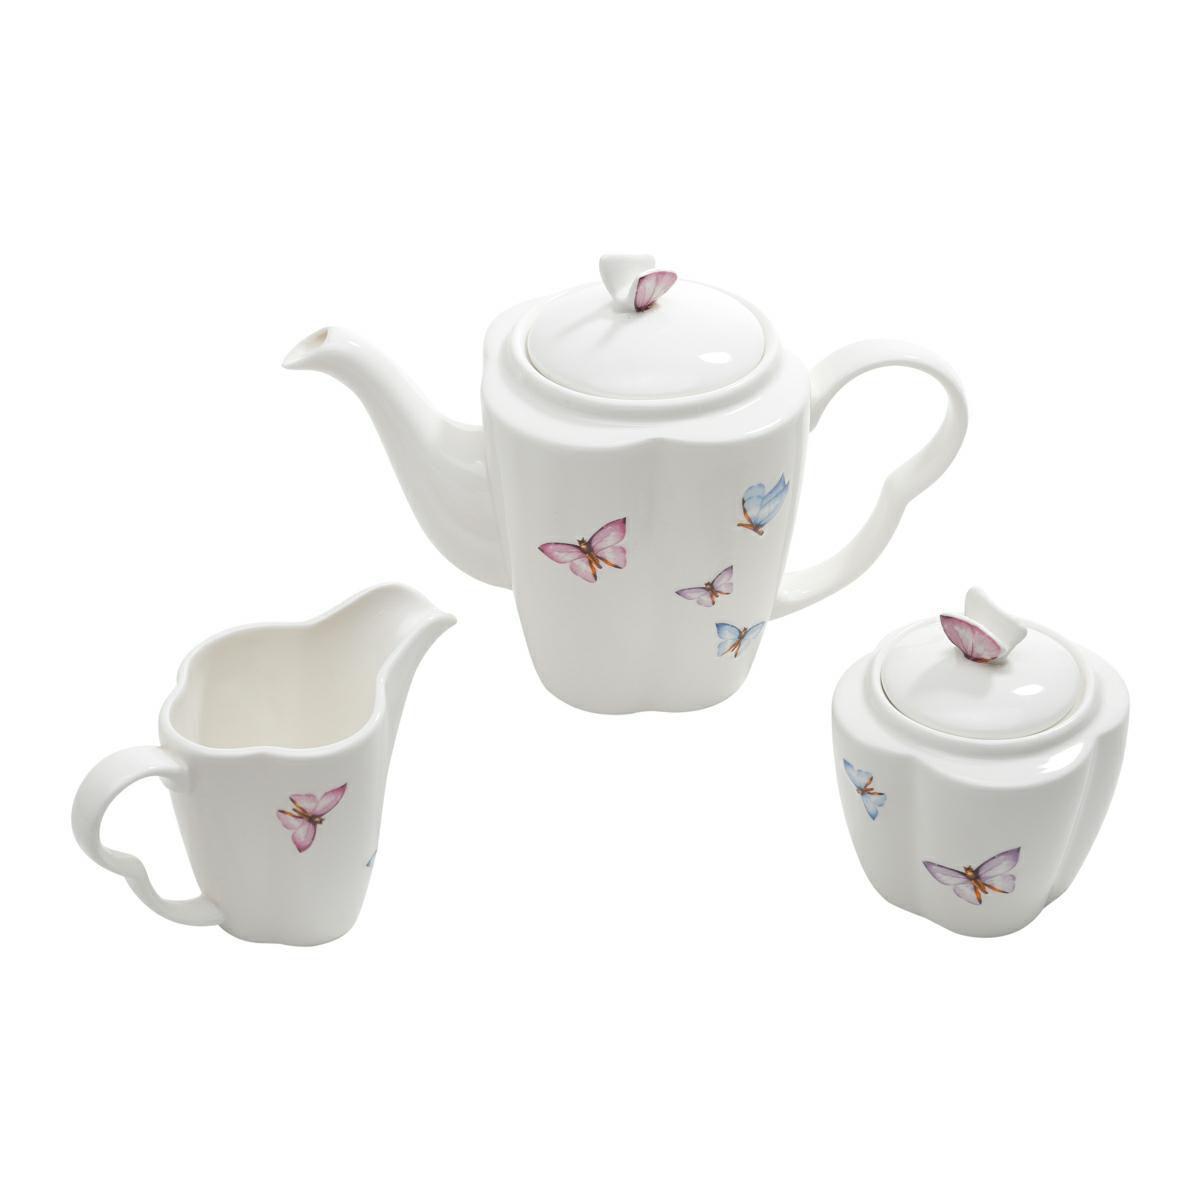 Conjunto 3 peças para café de porcelana Borboletas Wolff - 25039